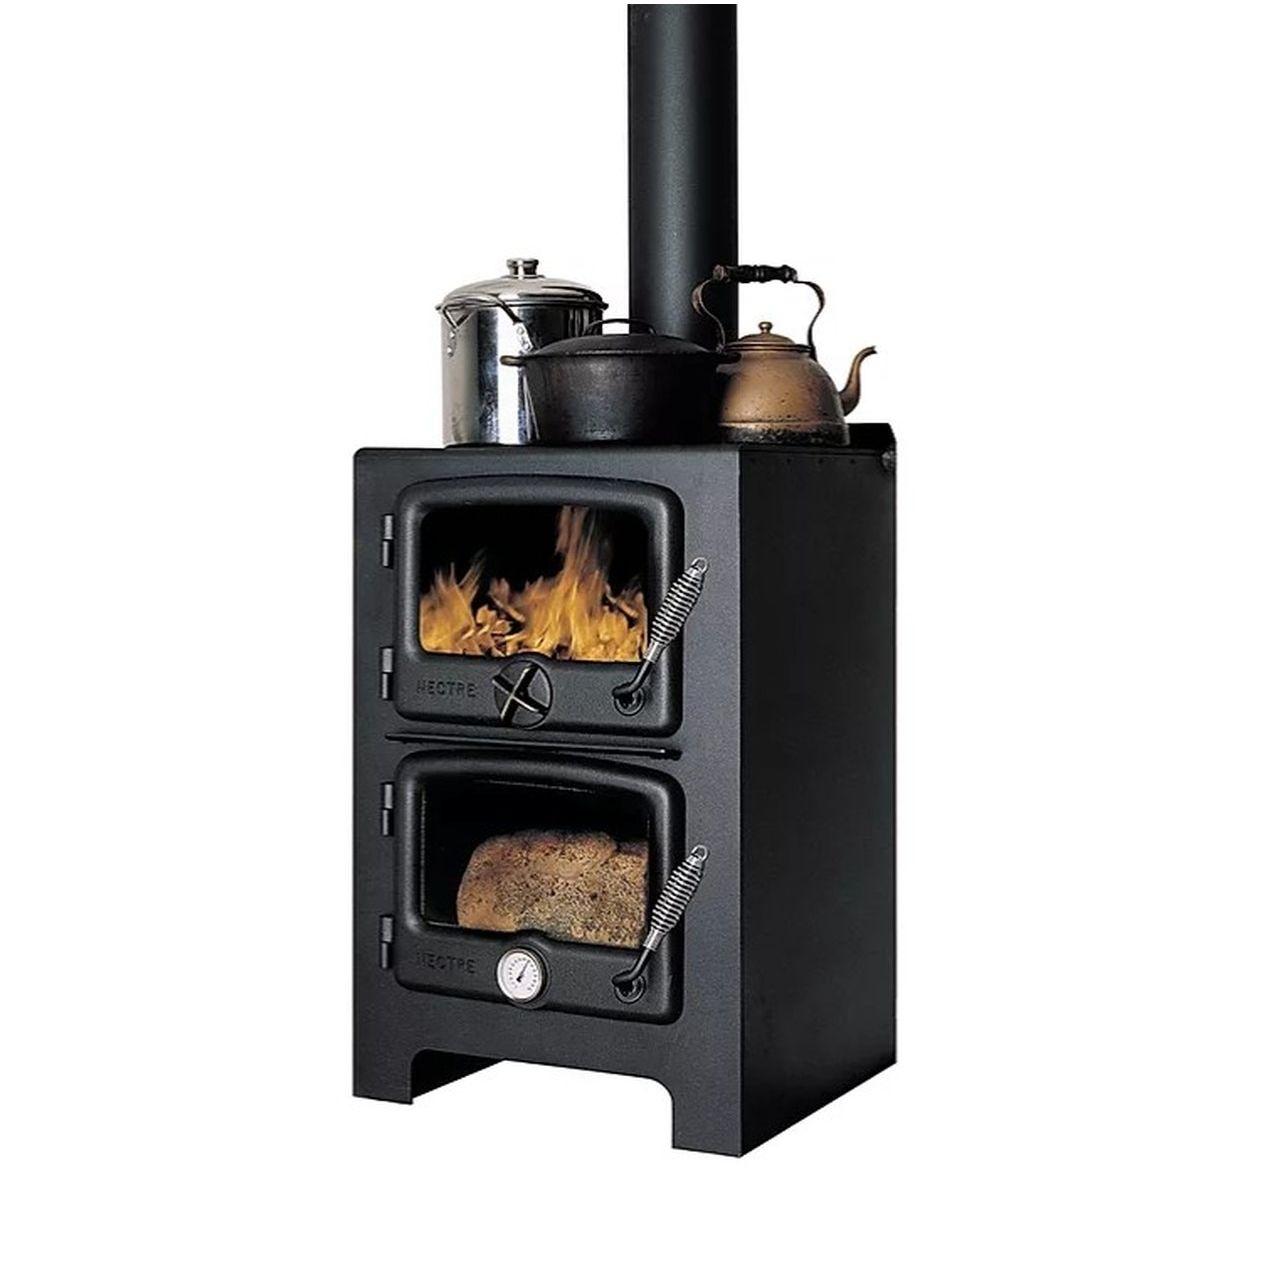 Nectre N350 30000 BTU Wood-Fired Oven